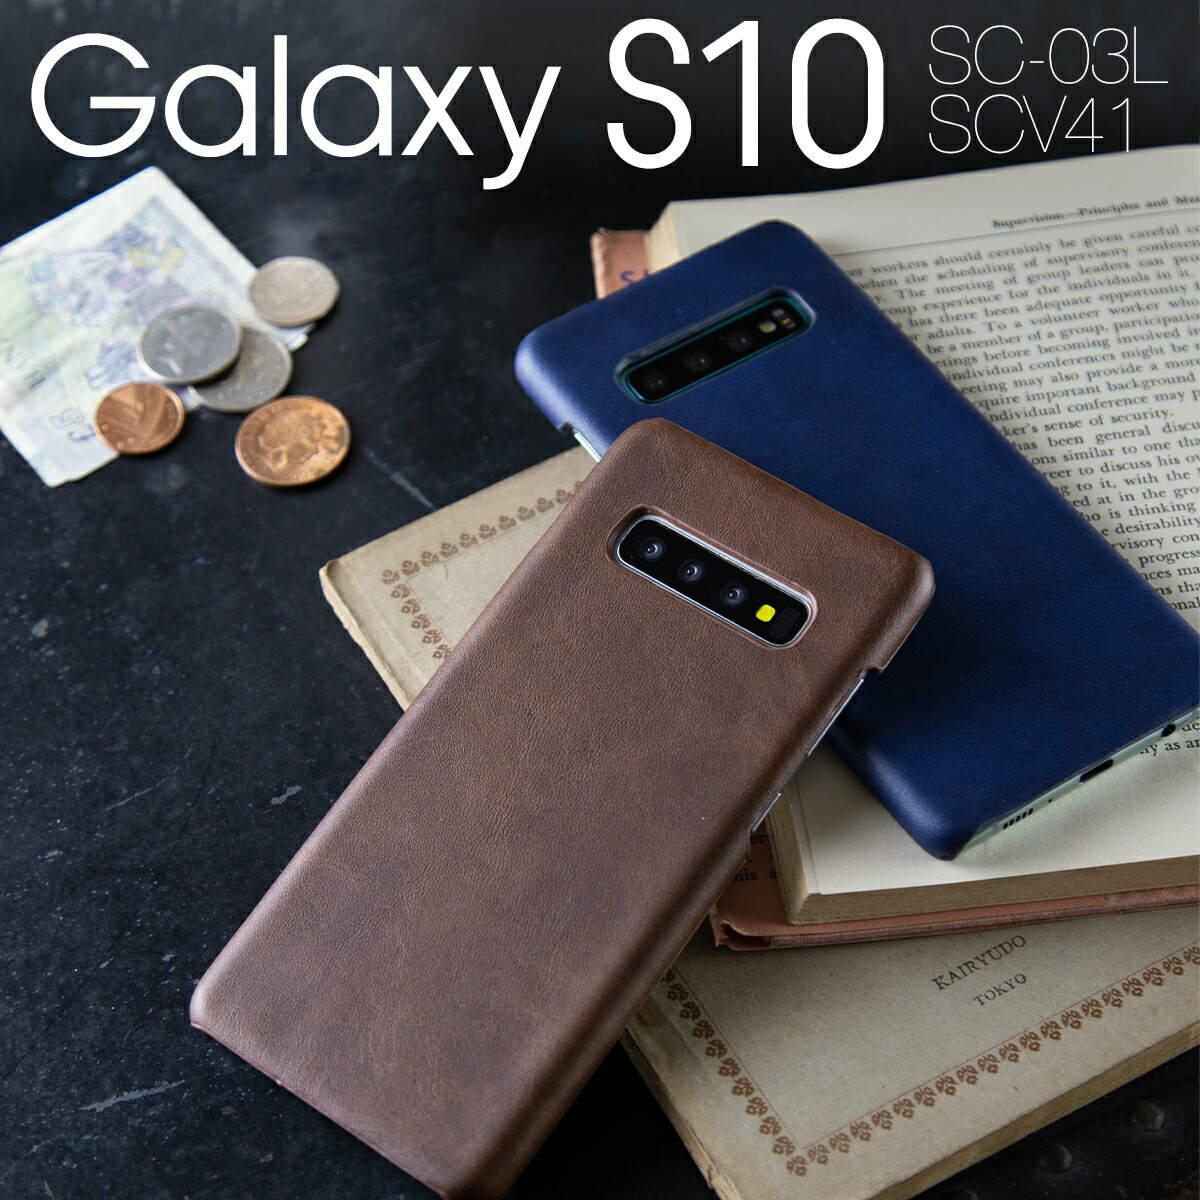 メール便送料無料 レザーハードケース Galaxy S10 スマホケース 韓国 定番スタイル SC-03L SCV41 スマホ ケース カバー ギャラクシー エステン かっこいい シンプル ハードケース レザー おしゃれ ジャケット 送料無料 携帯 100%品質保証 サムスン 革 Galaxys10 Samsung 人気